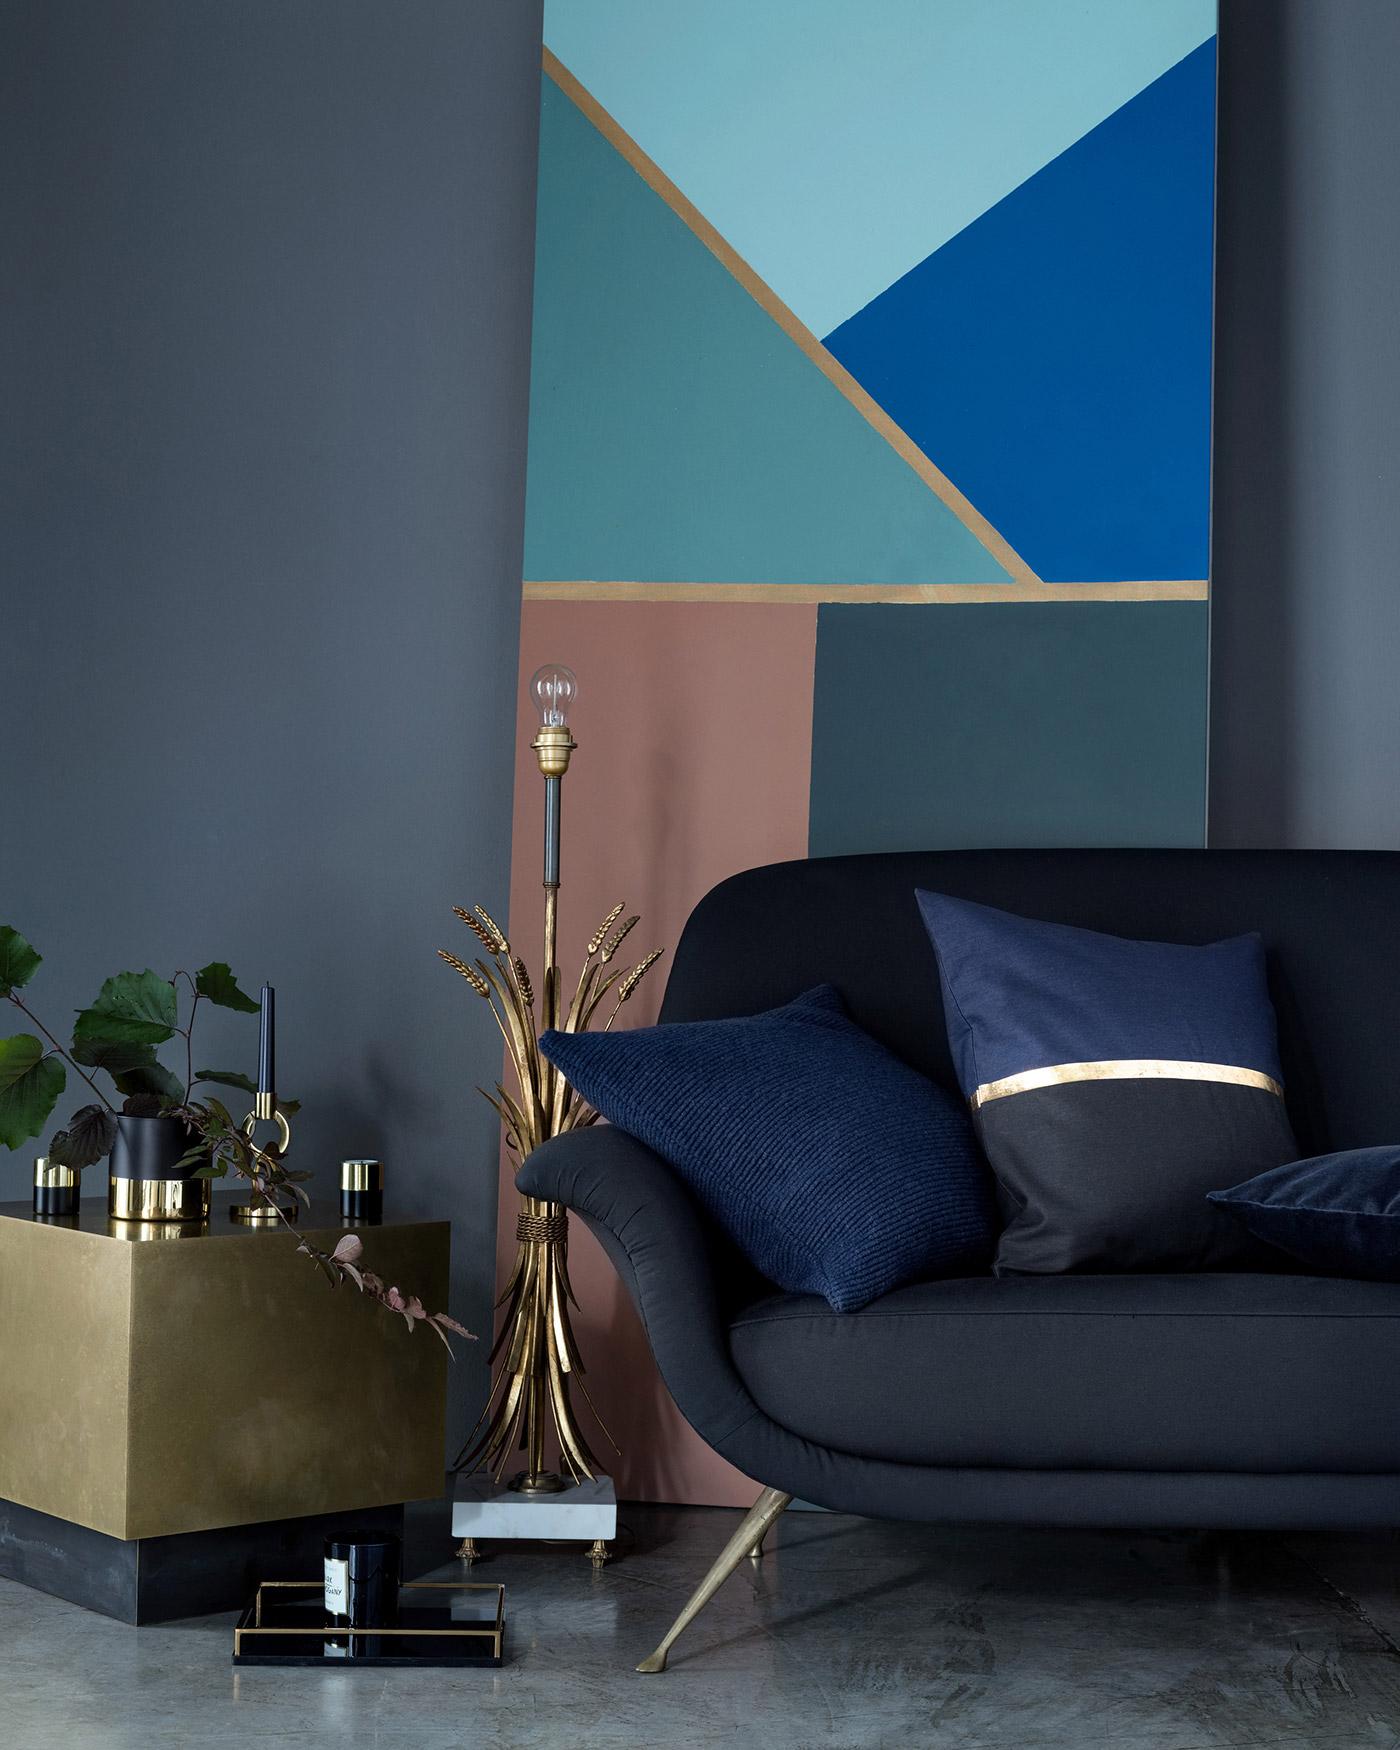 h m home interior design mindsparkle mag. Black Bedroom Furniture Sets. Home Design Ideas